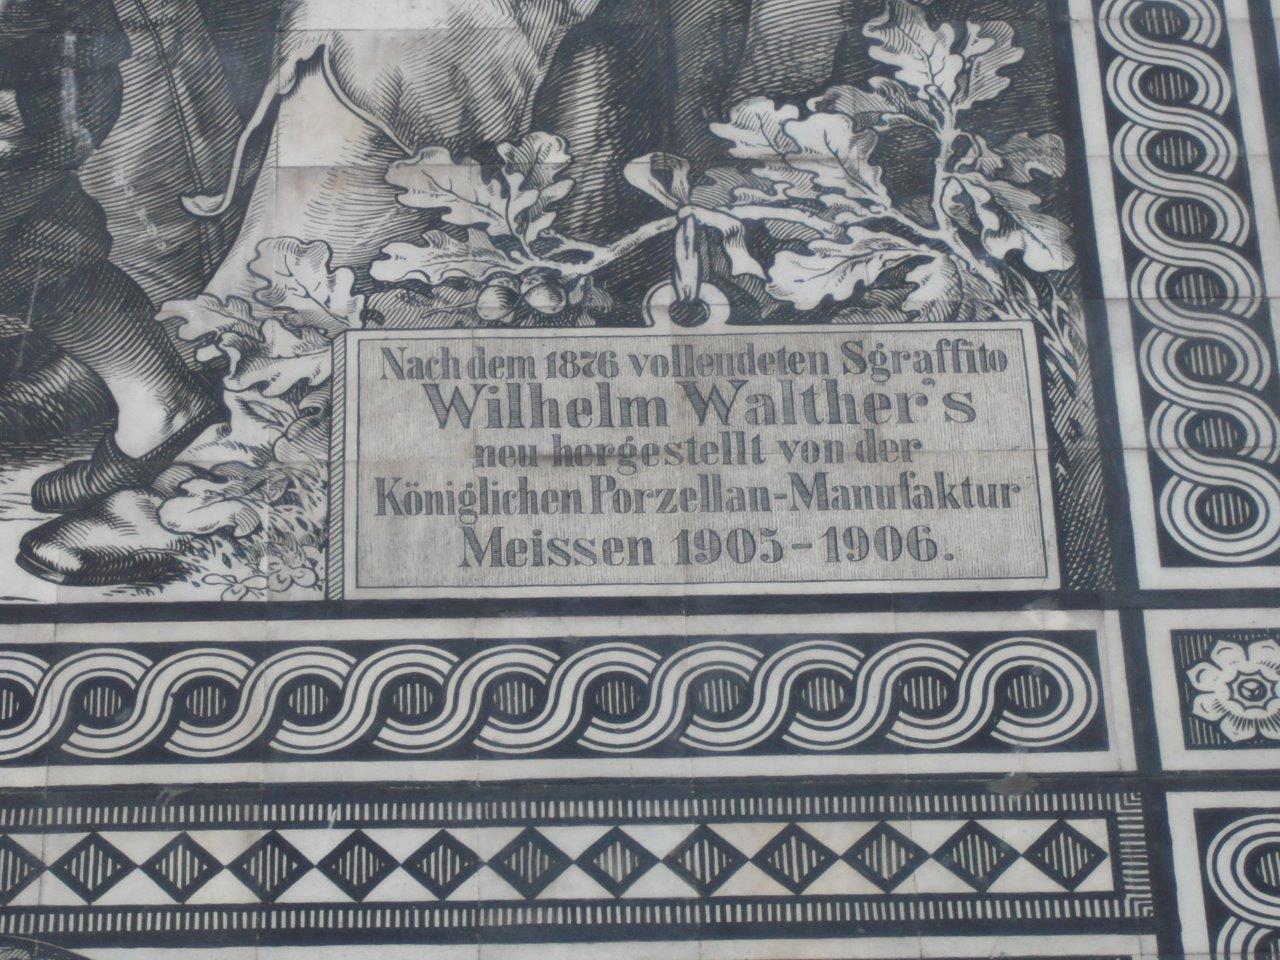 Detailansicht des Fürstenzugs in Dresden: Porzellanmanufaktur Meißen 1905-1906